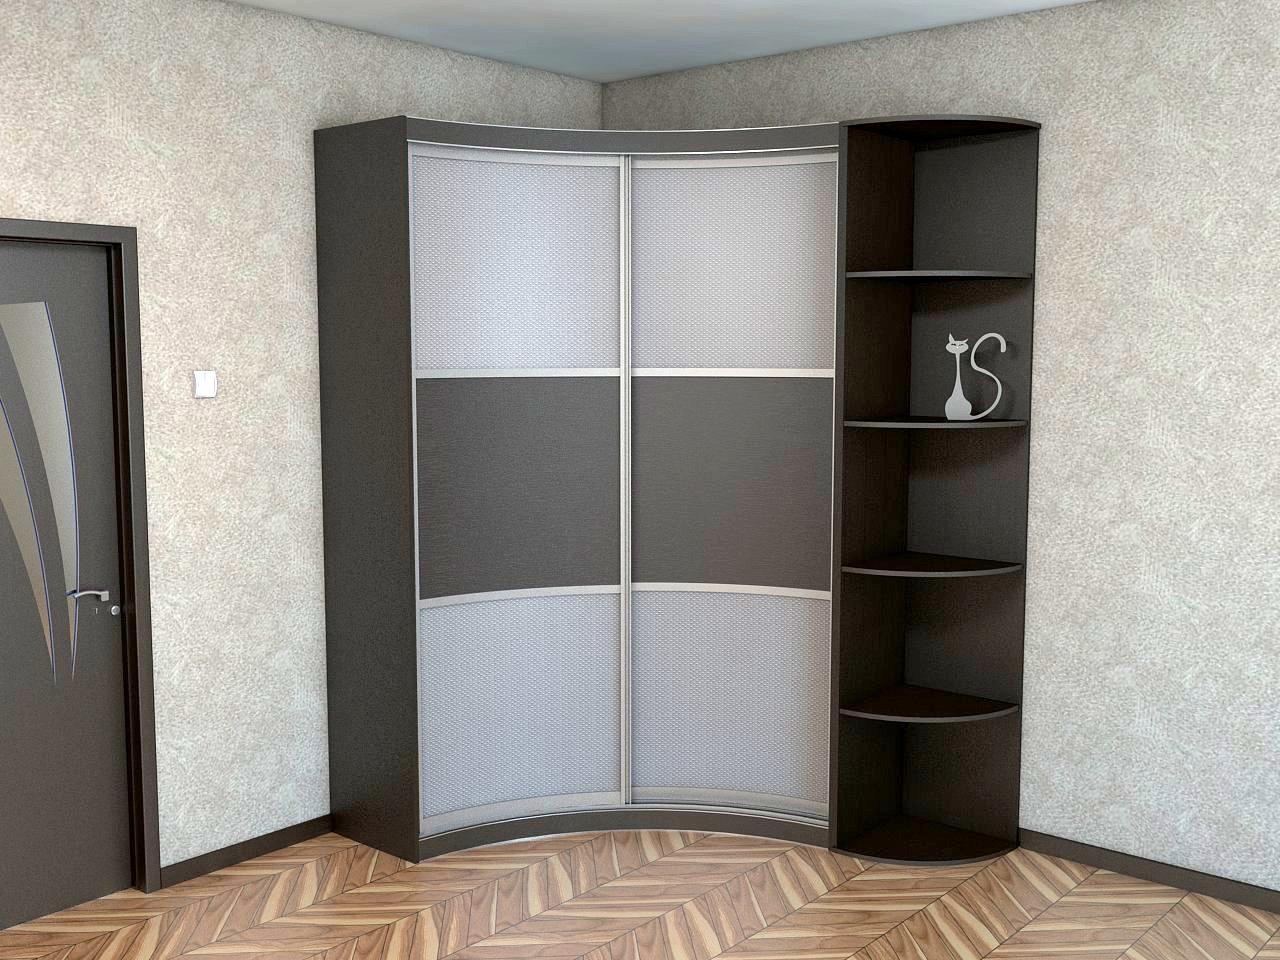 Радиусный шкаф станет отличным вариантом для маленькой прихожей